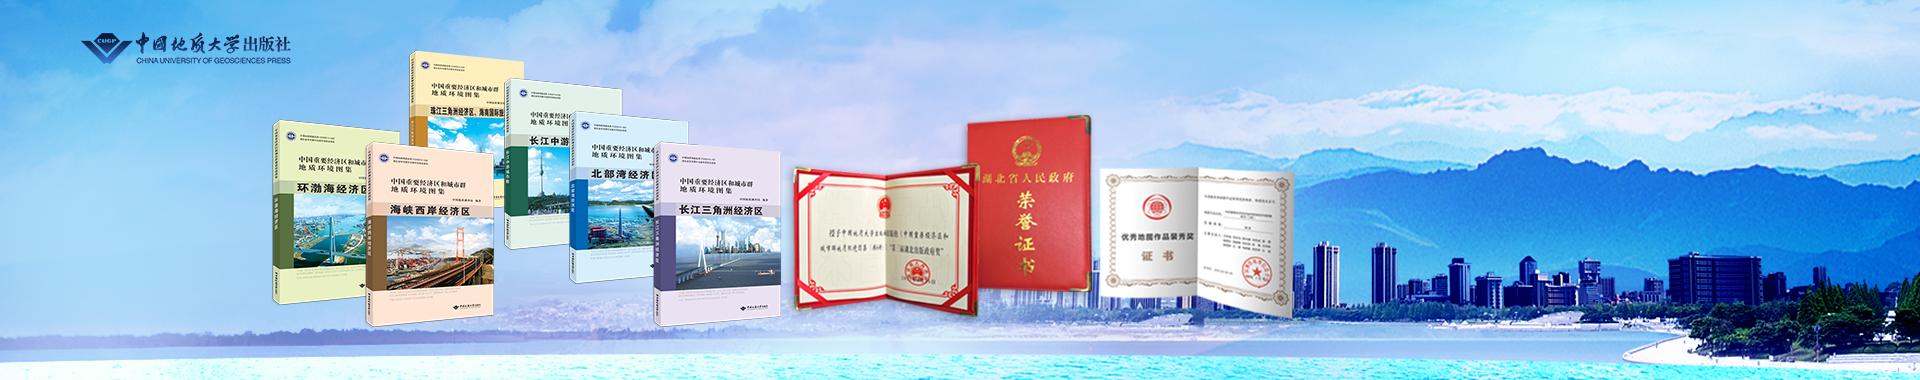 河南省矿产资源潜力评价成果系列